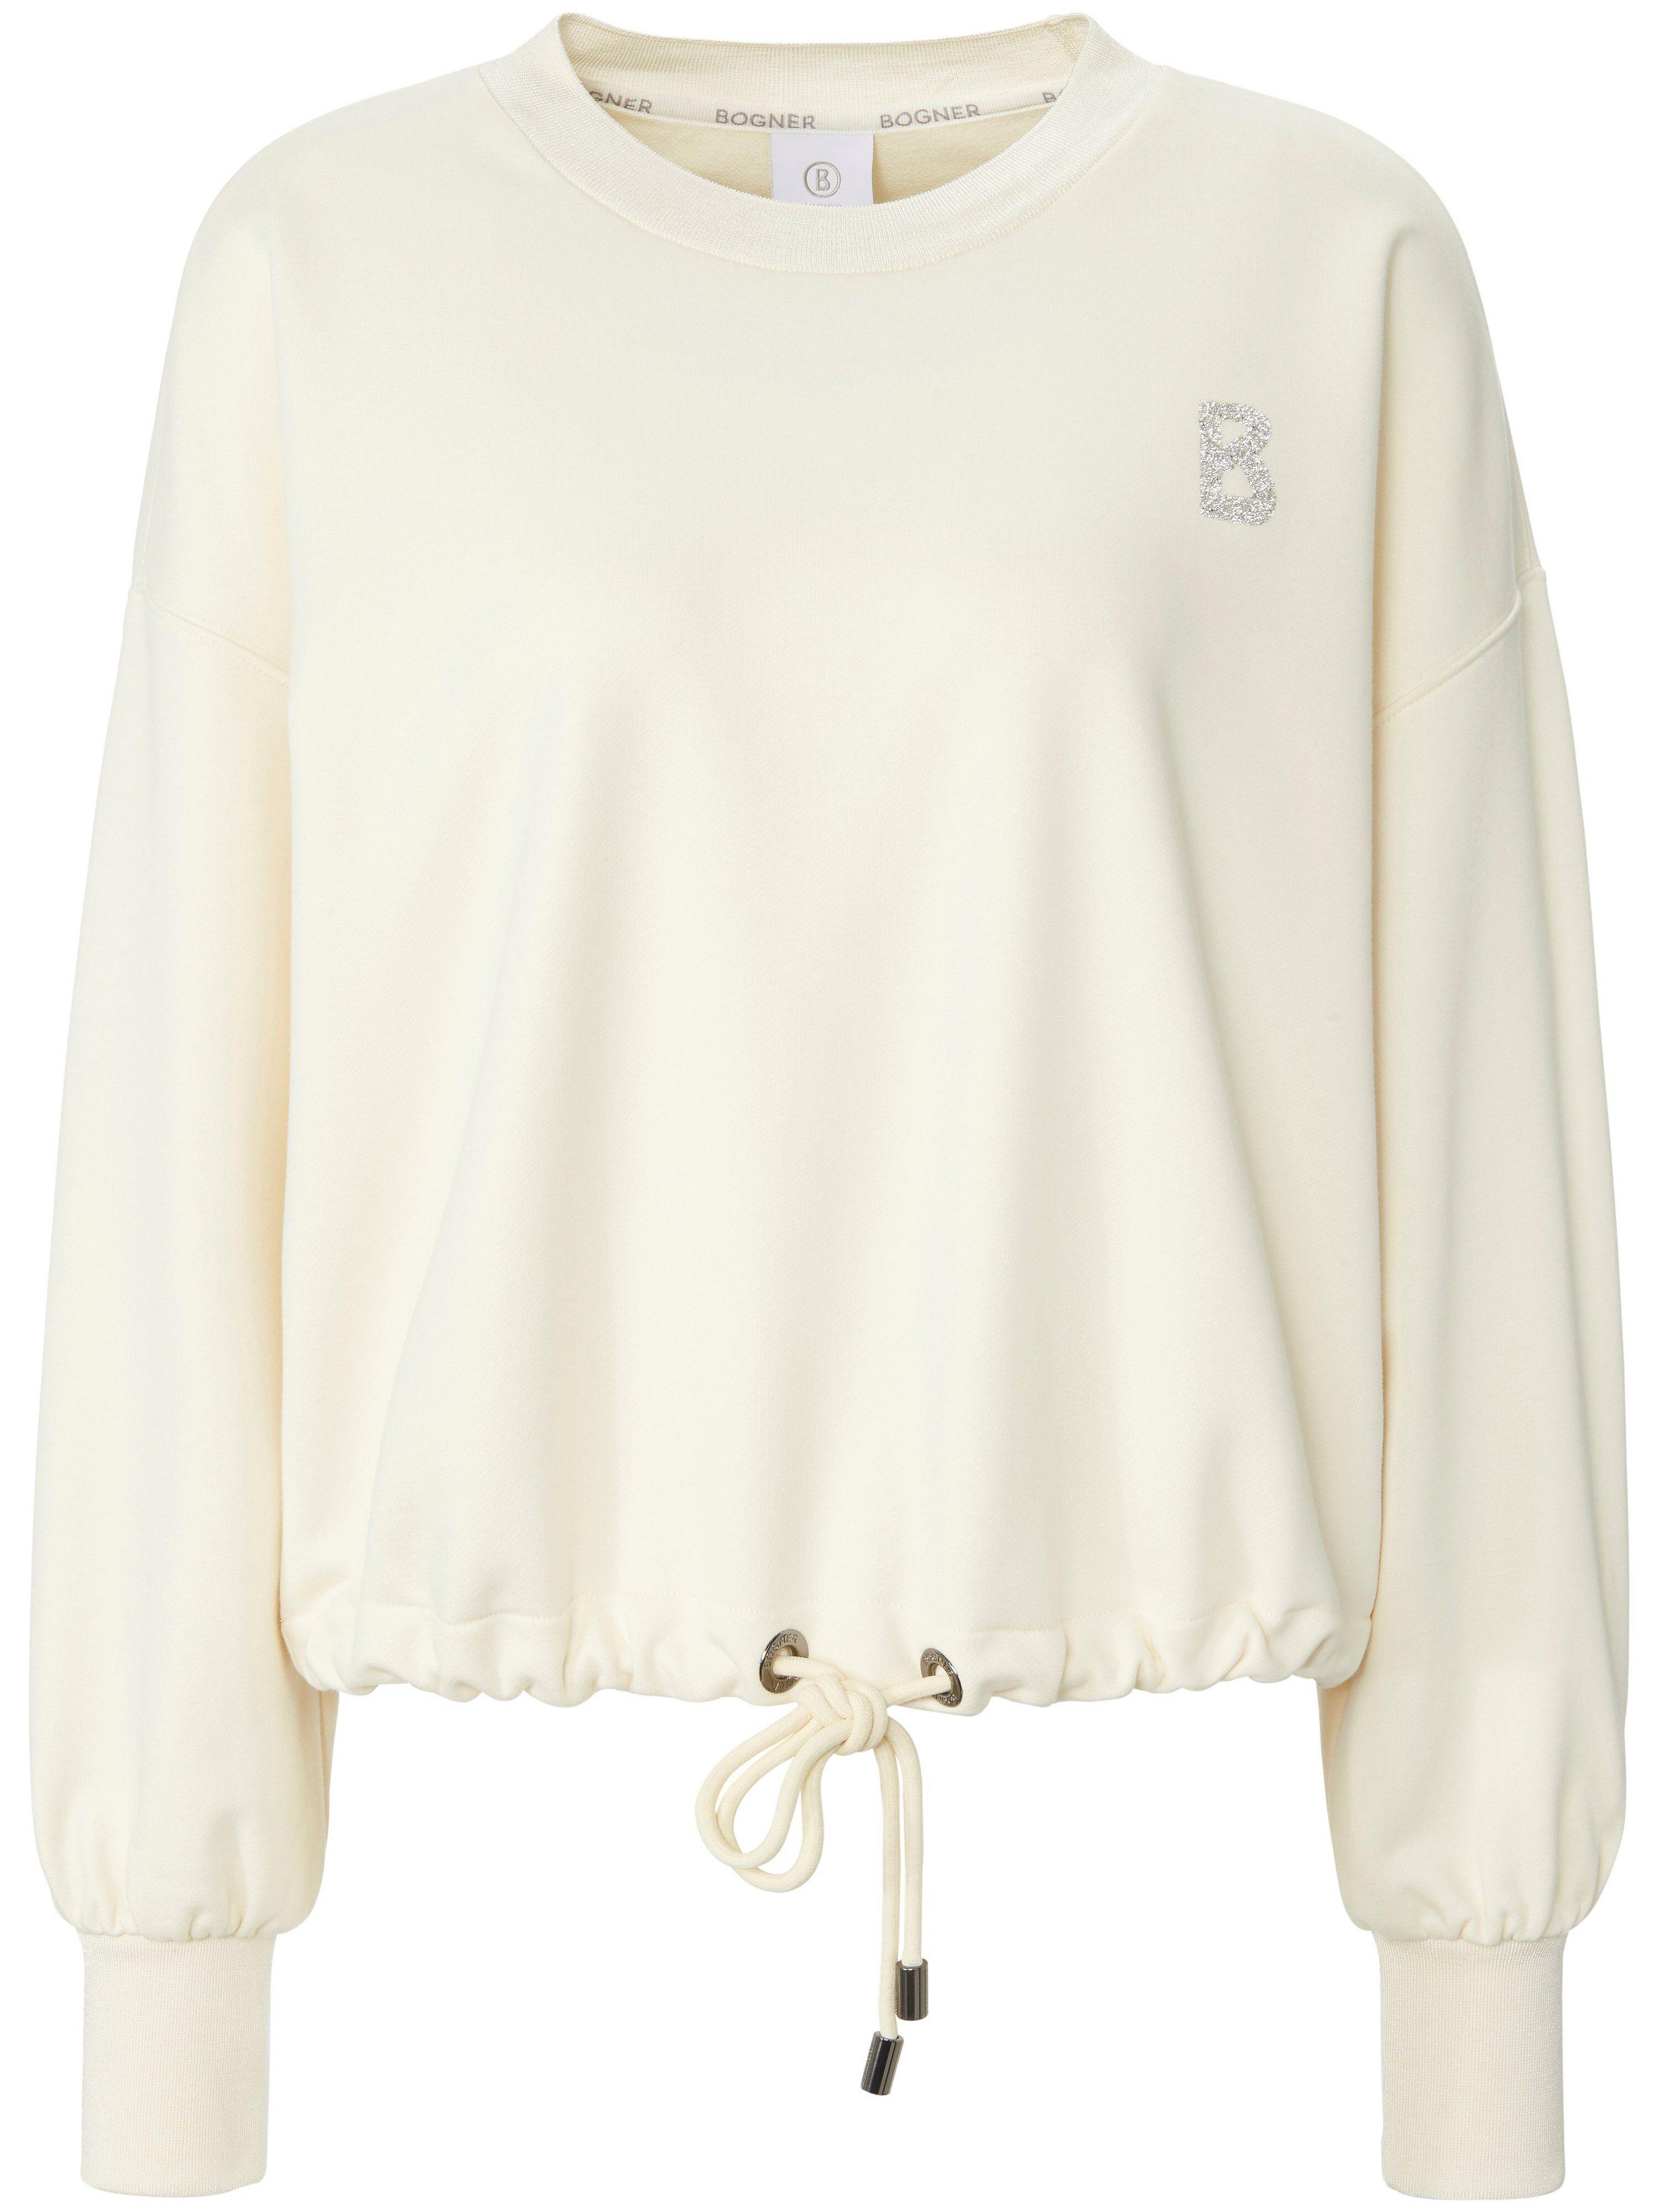 Bogner Le sweat-shirt ligne courte  Bogner blanc  - Femme - 46